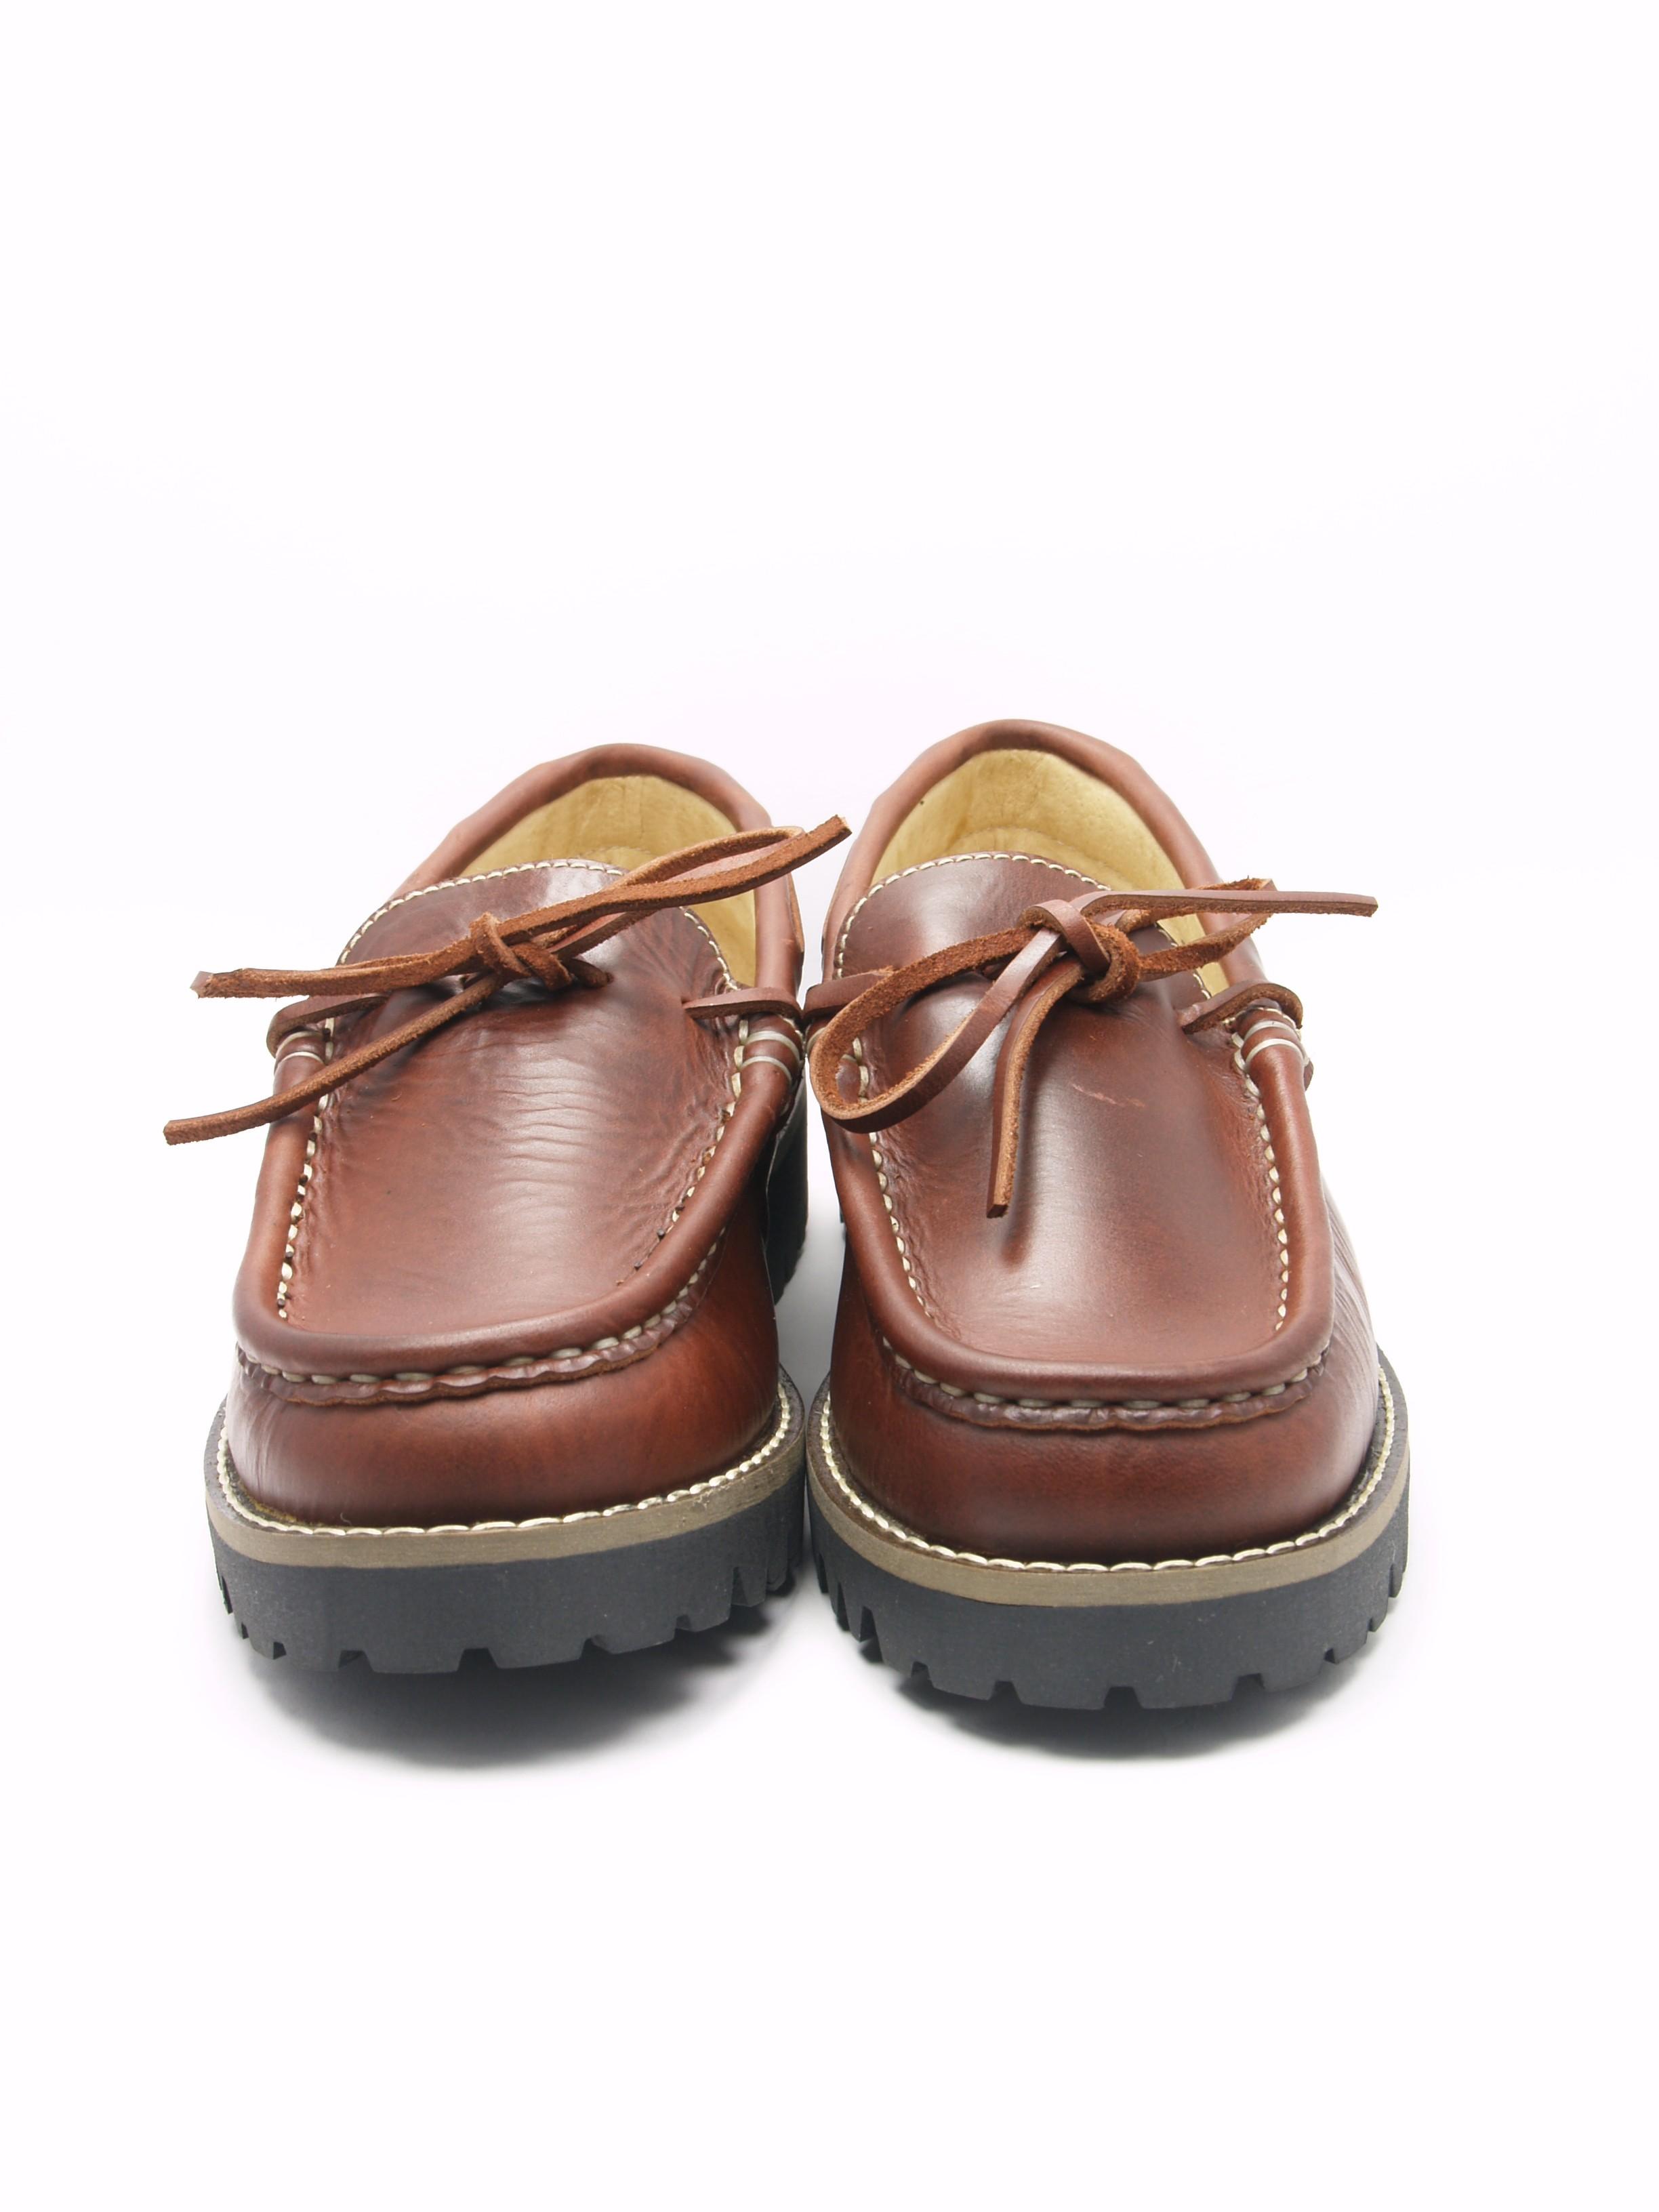 3396f44eb00 Zapato Naútico Niño Niña Marrón 7036 Ellos